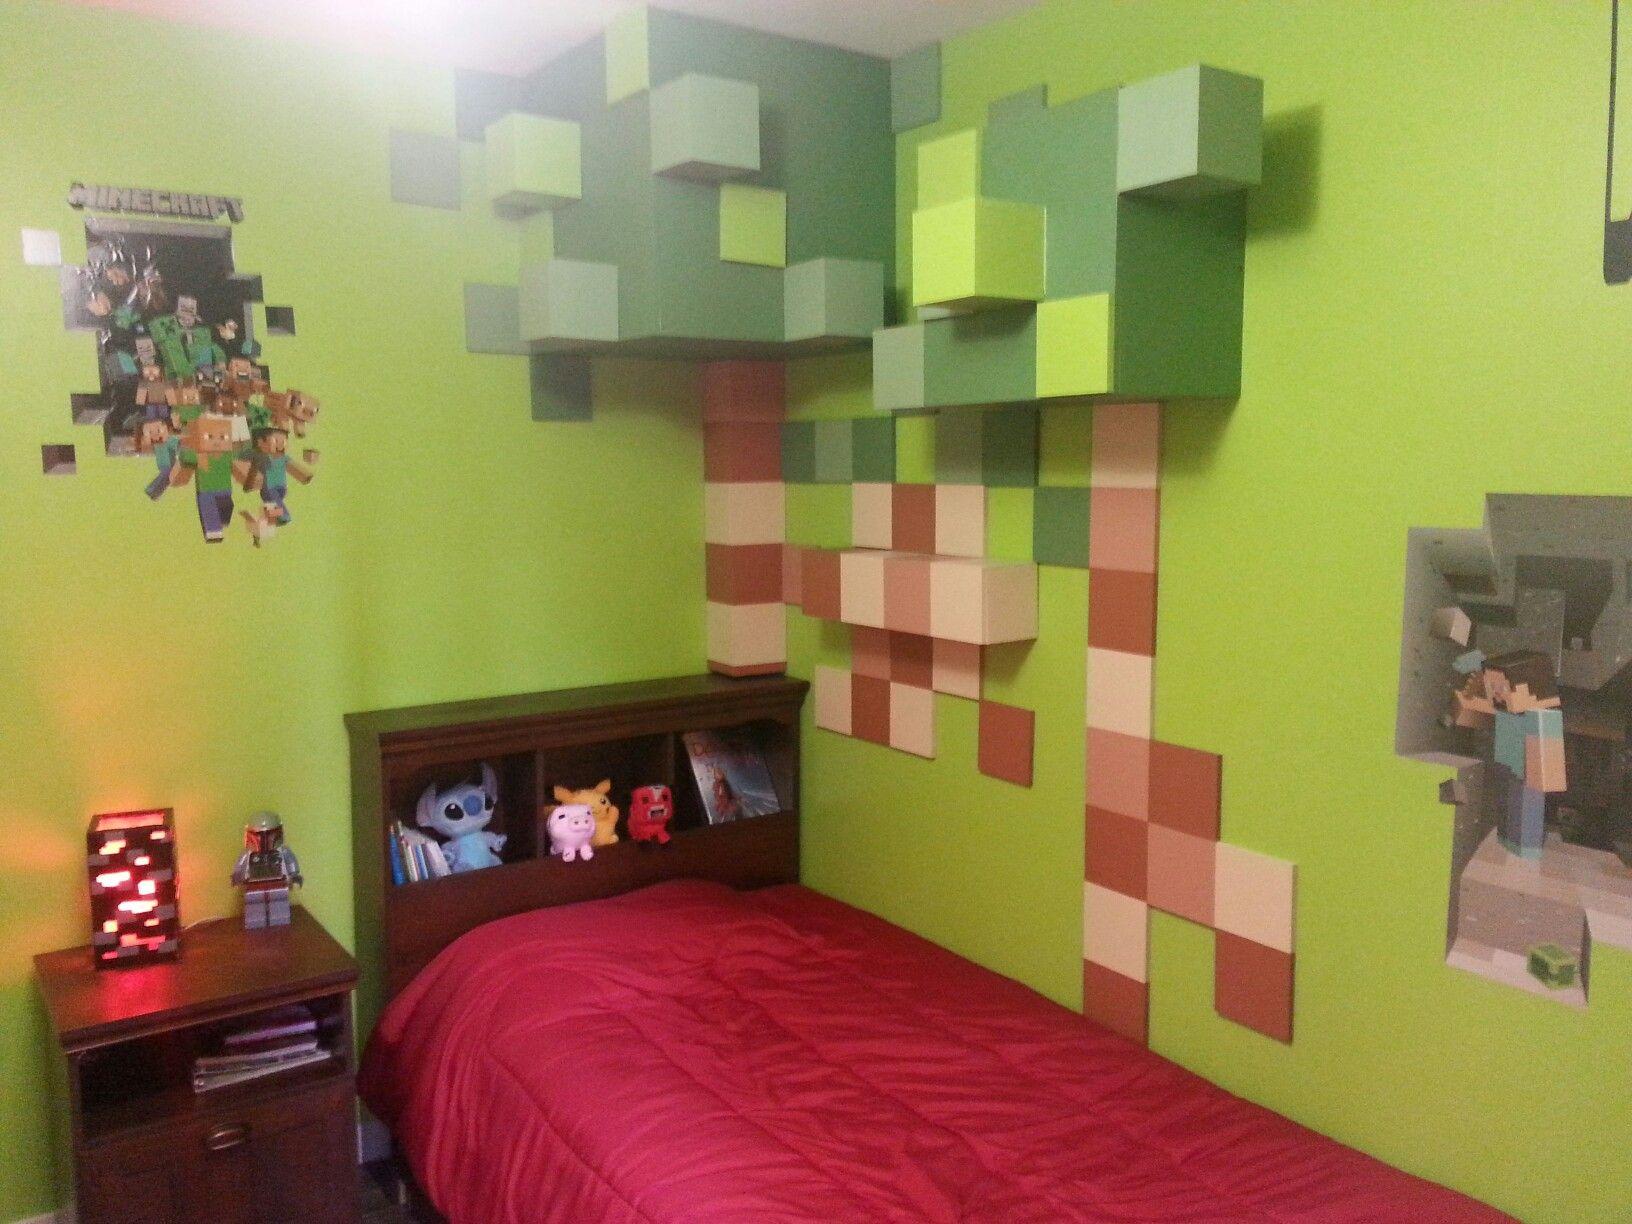 chambre minecraft chambre minecraft room minecraft. Black Bedroom Furniture Sets. Home Design Ideas